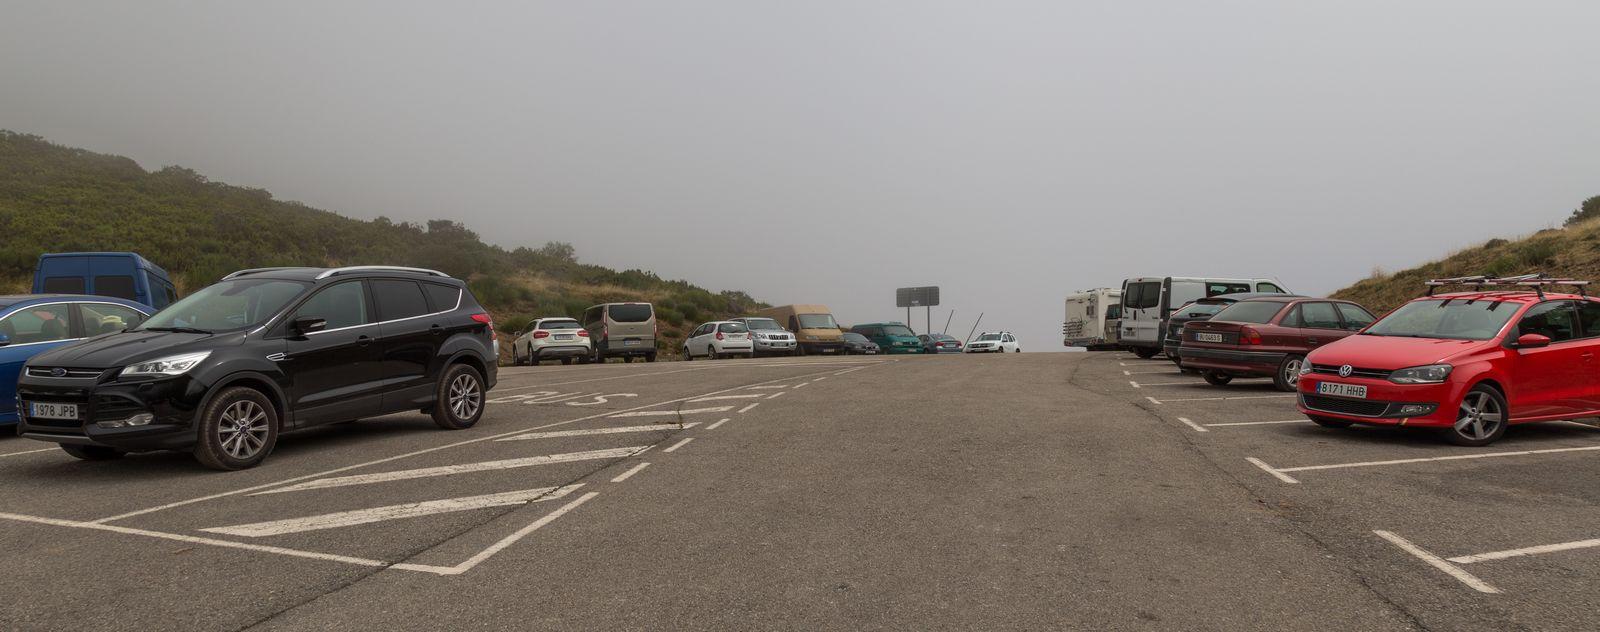 El parking, ahora más poblado